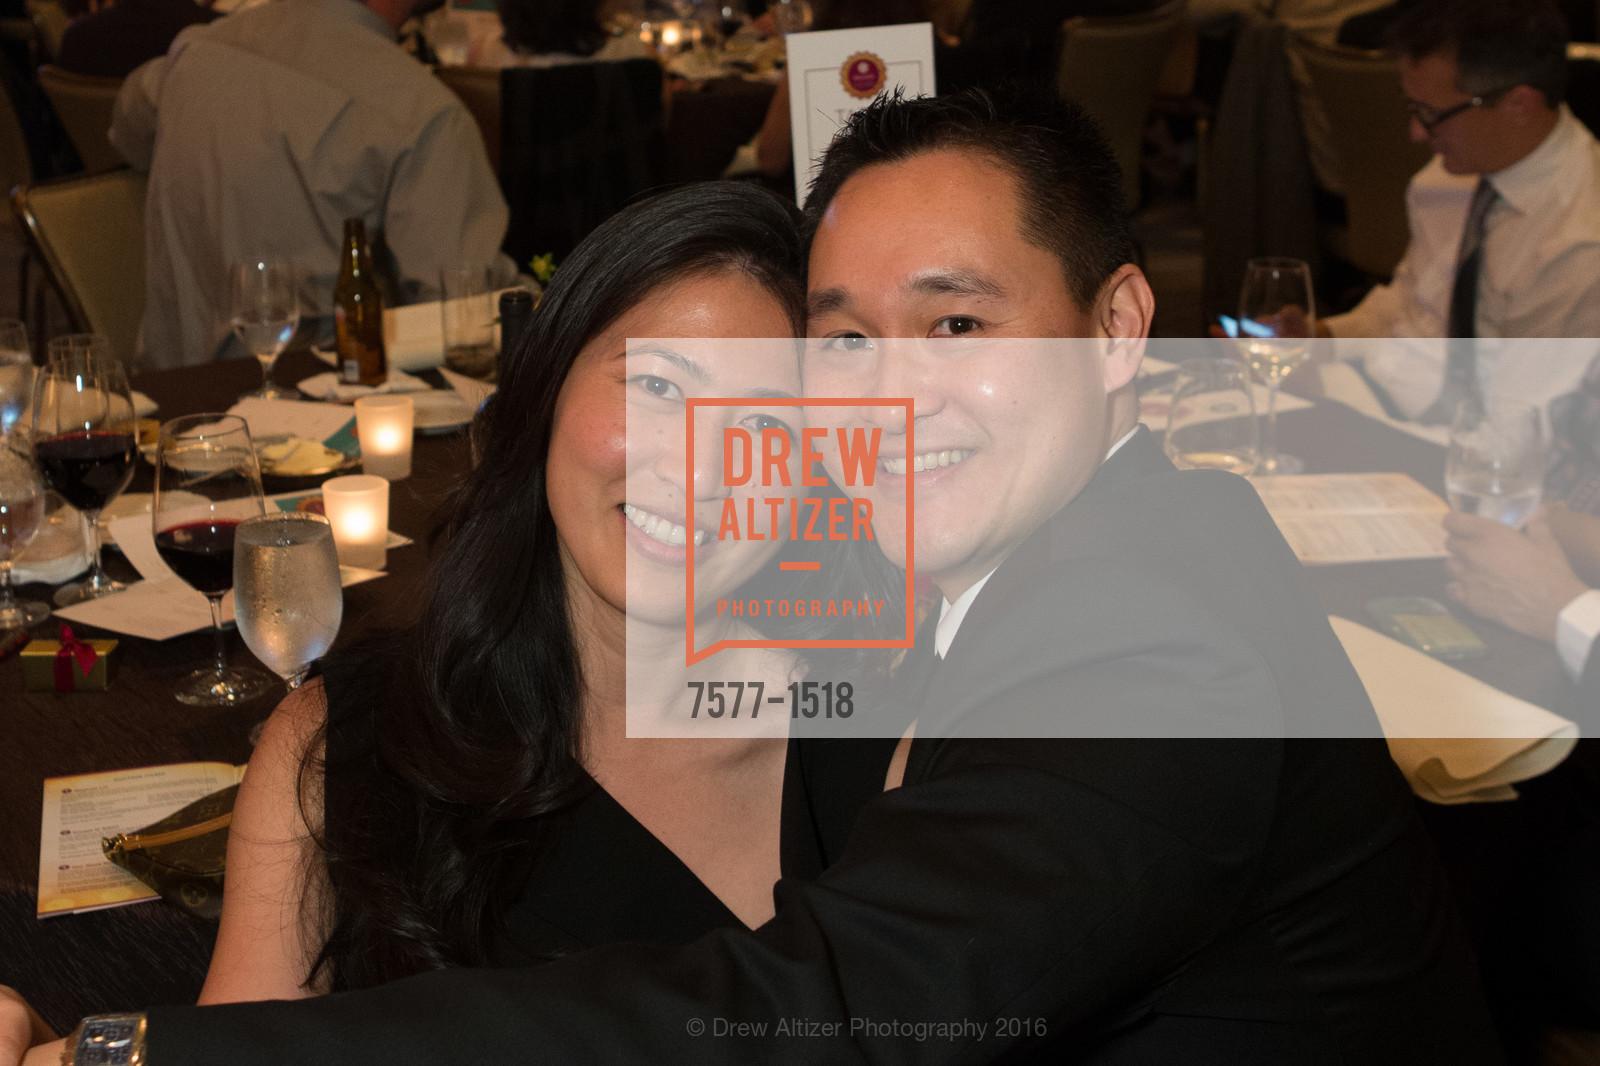 Cynthia Liu, Danny Wang, Photo #7577-1518